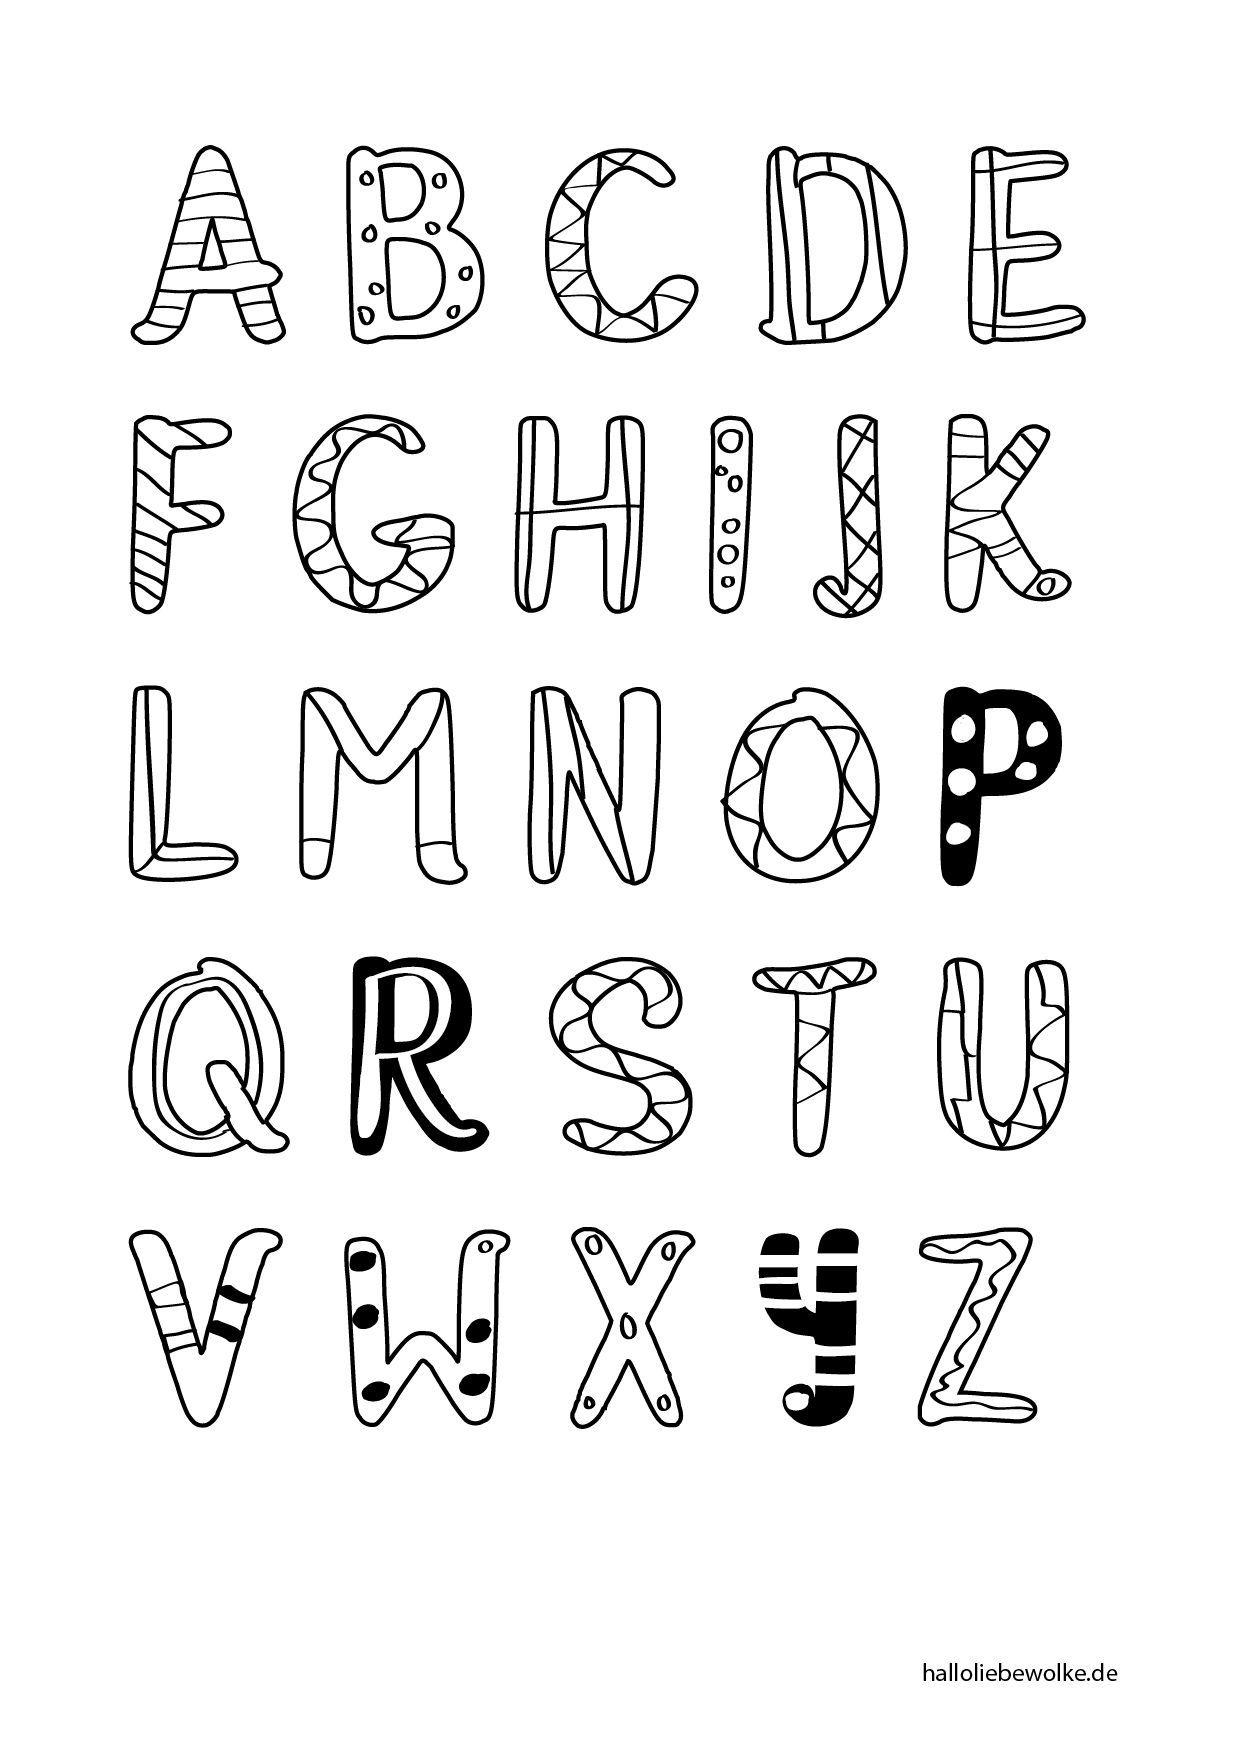 Buchstabe N Malvorlagen Fur Vorschule Vorschule Handwerk Buchstabe N Mit Buchstabe I Basteln Mit Buchstaben Alphabet Buchstaben Buchstaben Fur Vorschulkinder